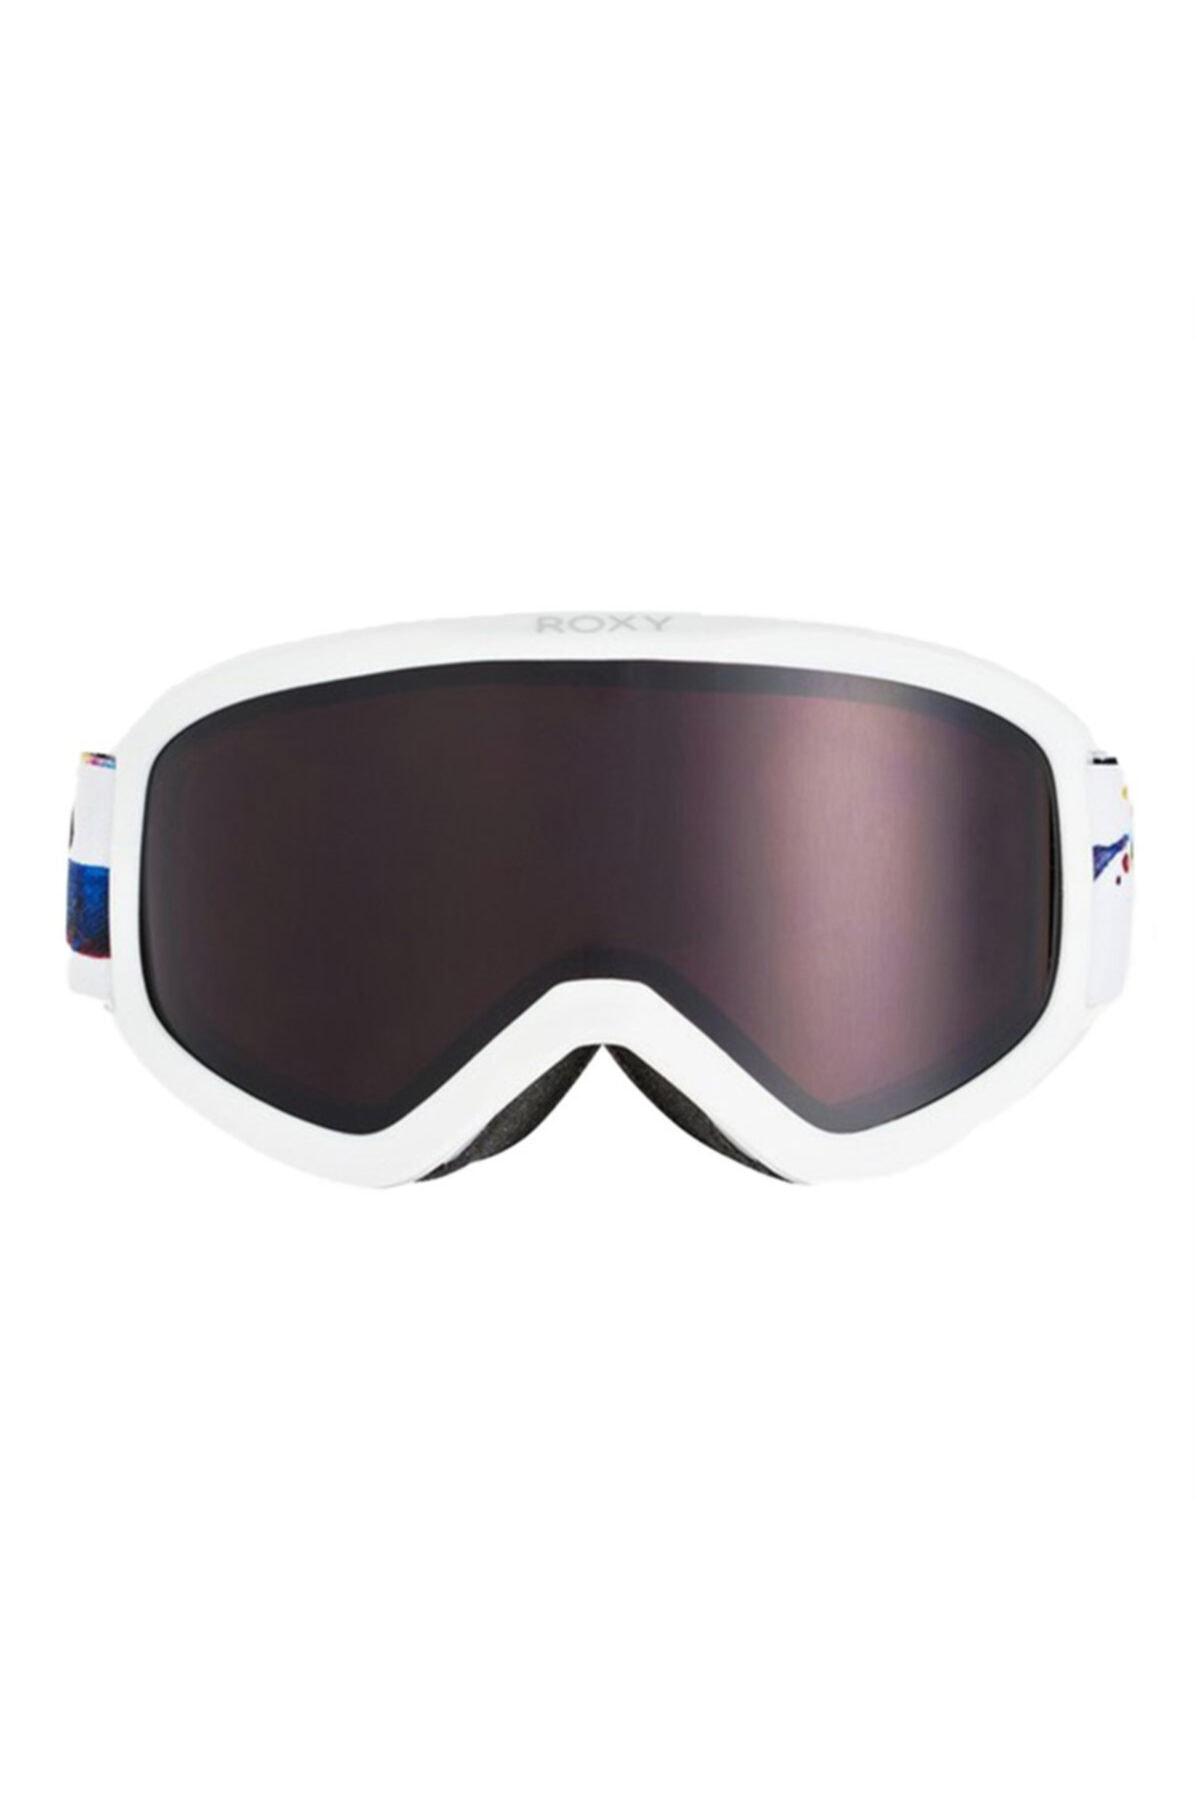 Roxy Day Dream J Sngg Wbn2 Kadın Beyaz Outdoor Kayak Gözlüğü Erjtg03132-wbn2 2